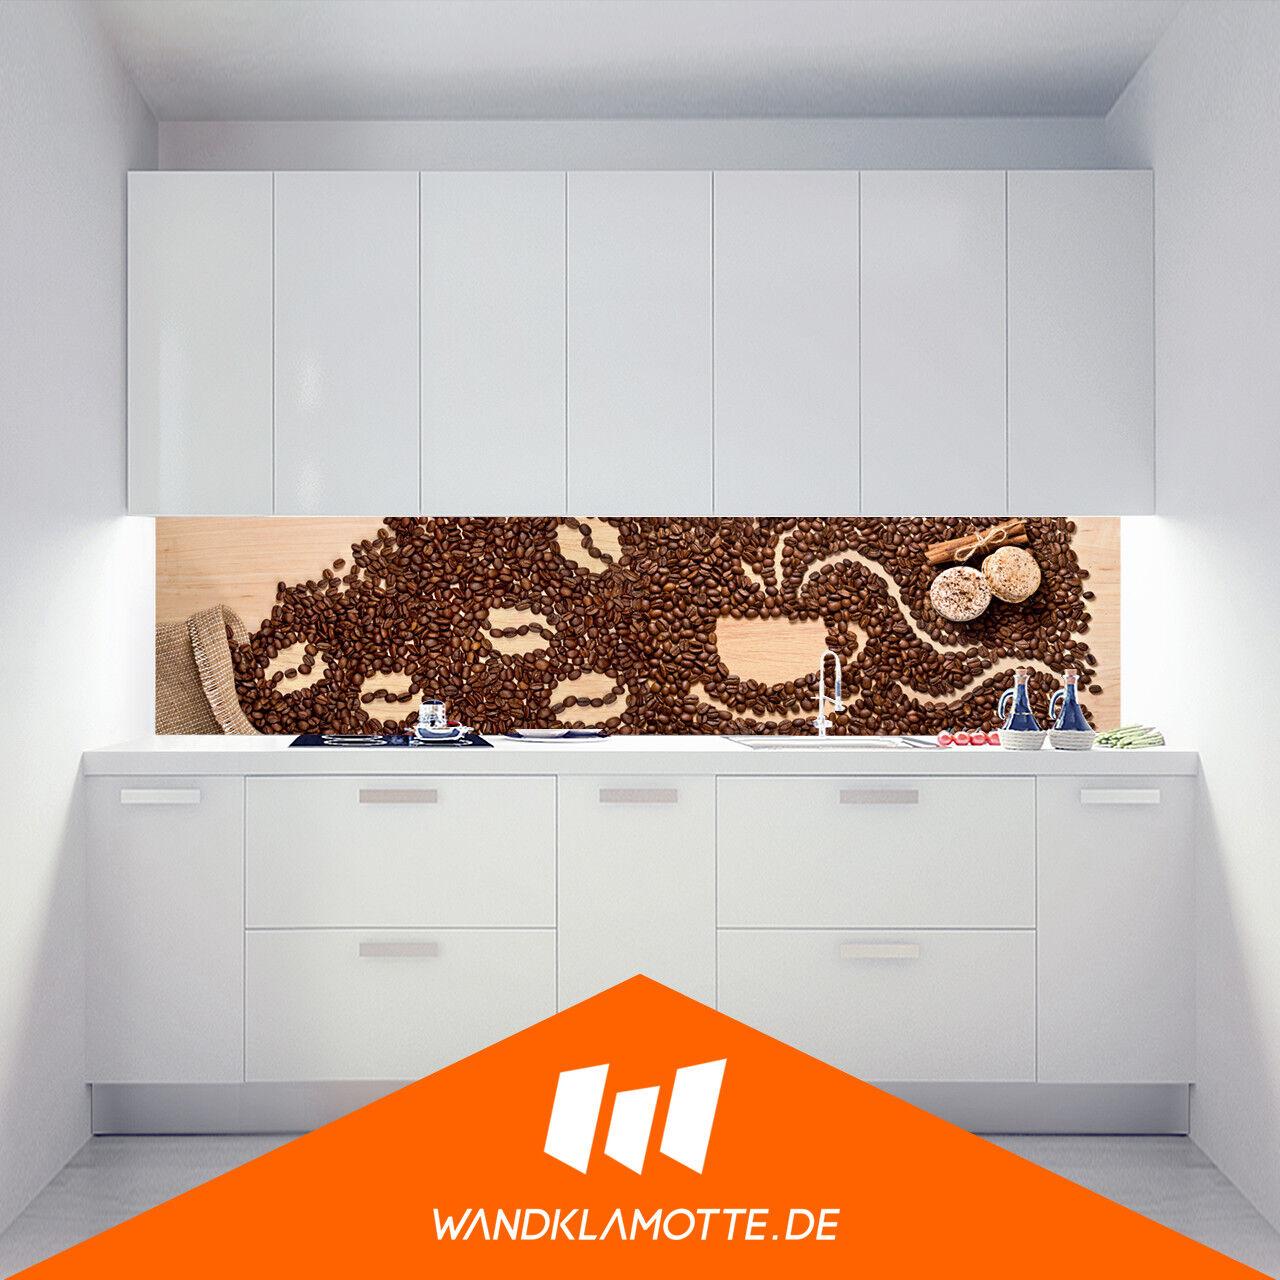 Étagère Murale Cuisine Acrylique Cuisinière Couvercle Anti-éclaboussures Café